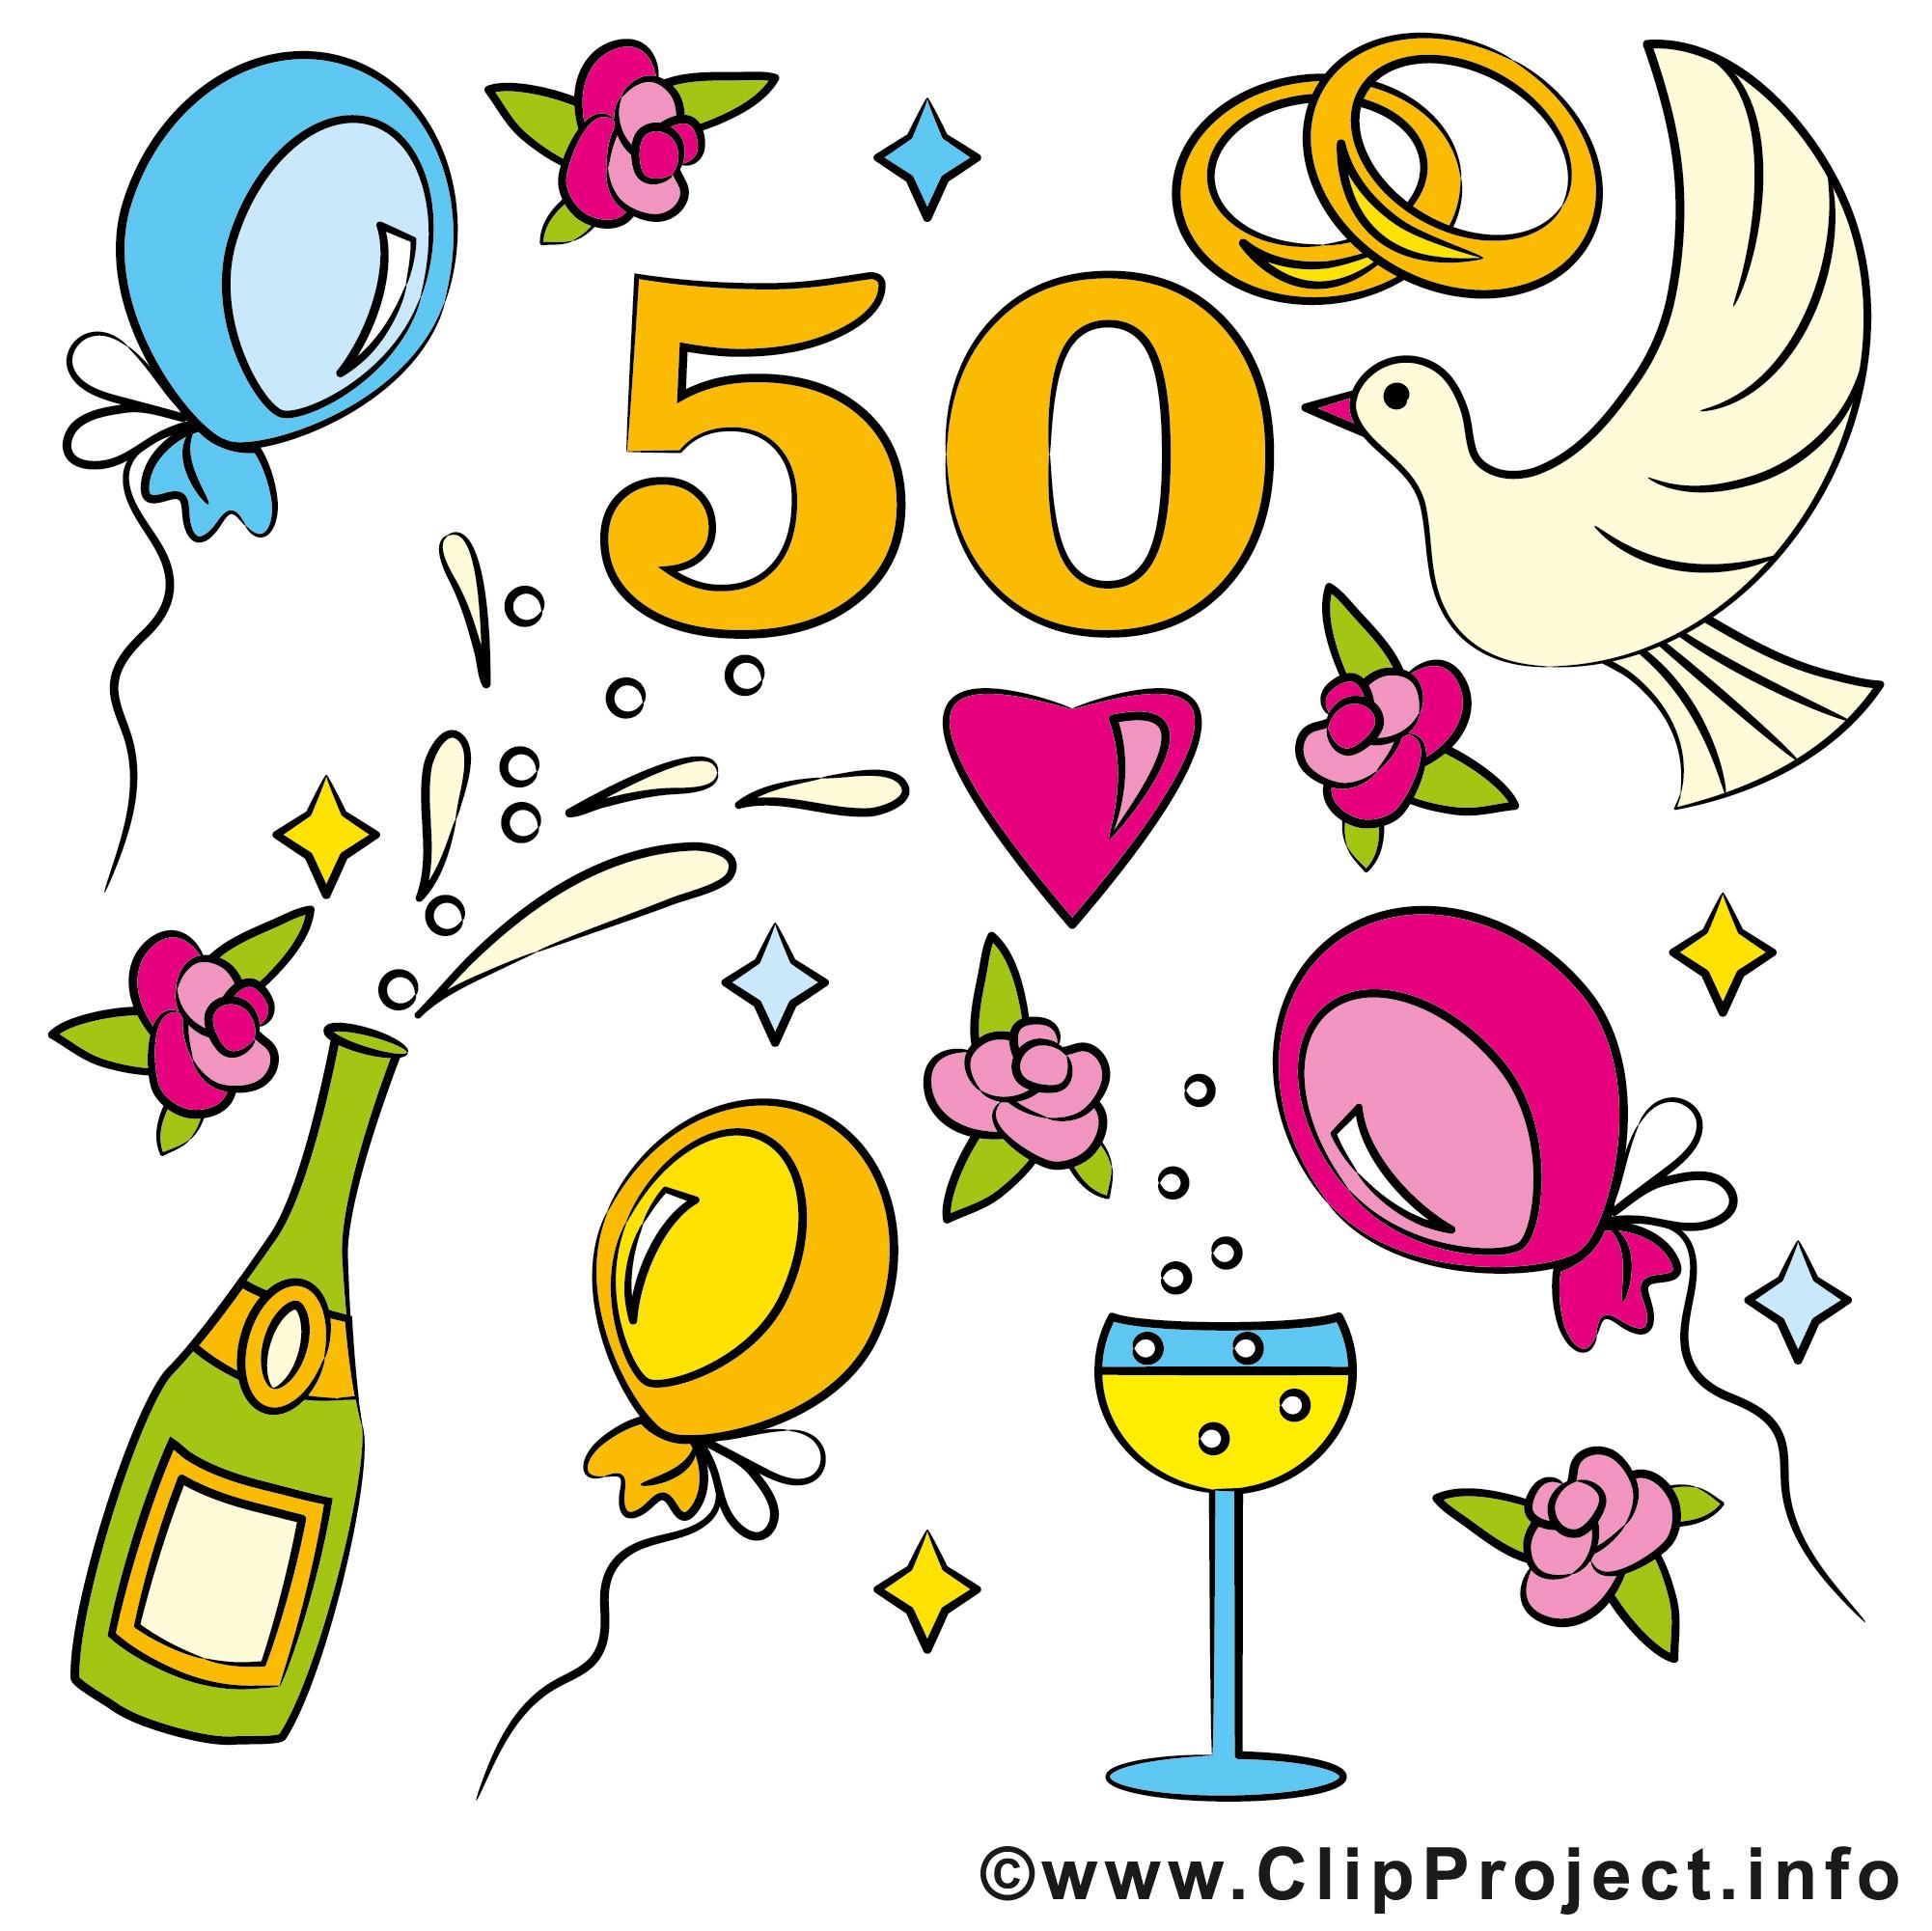 Cliparts Hochzeit Kostenlos Herunterladen  Hochzeitstage 50 Goldene Hochzeit Gluckwunschkarte